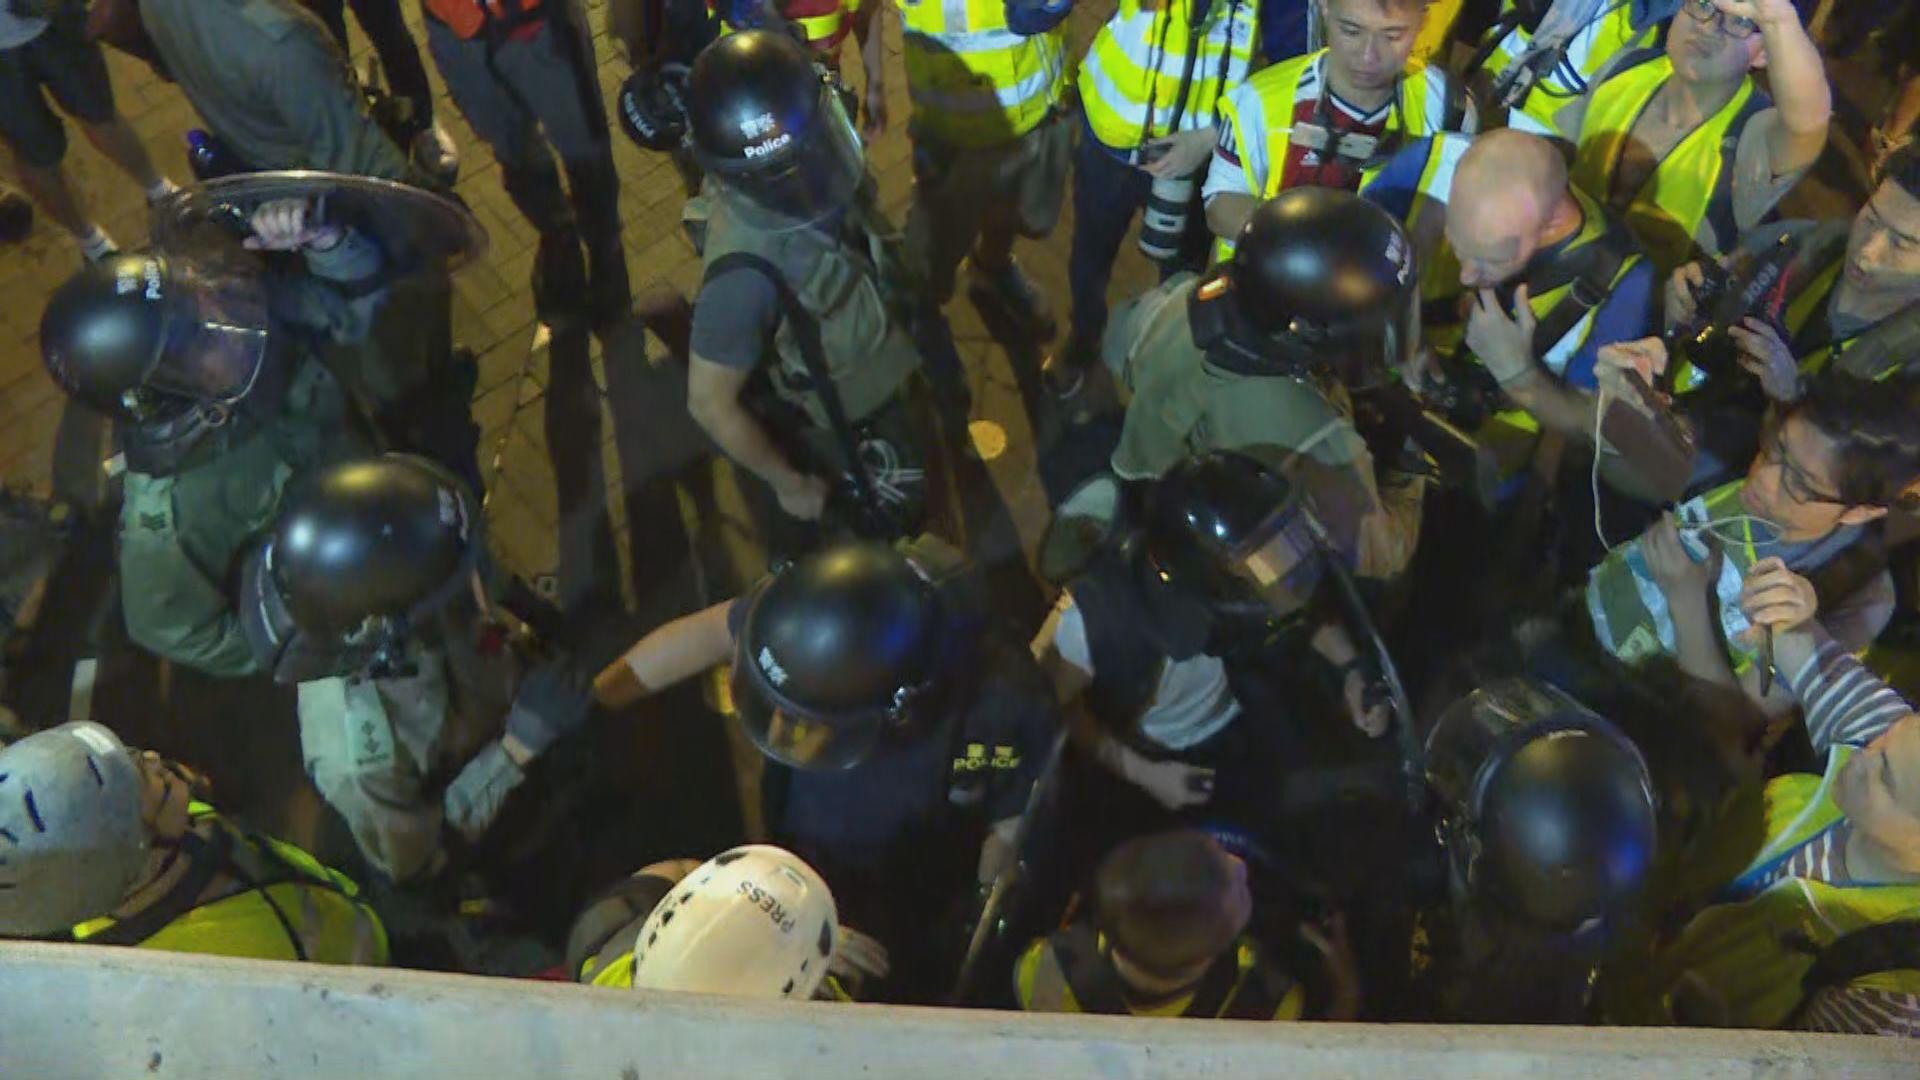 【不斷更新】入夜後太子站外有示威者堵路